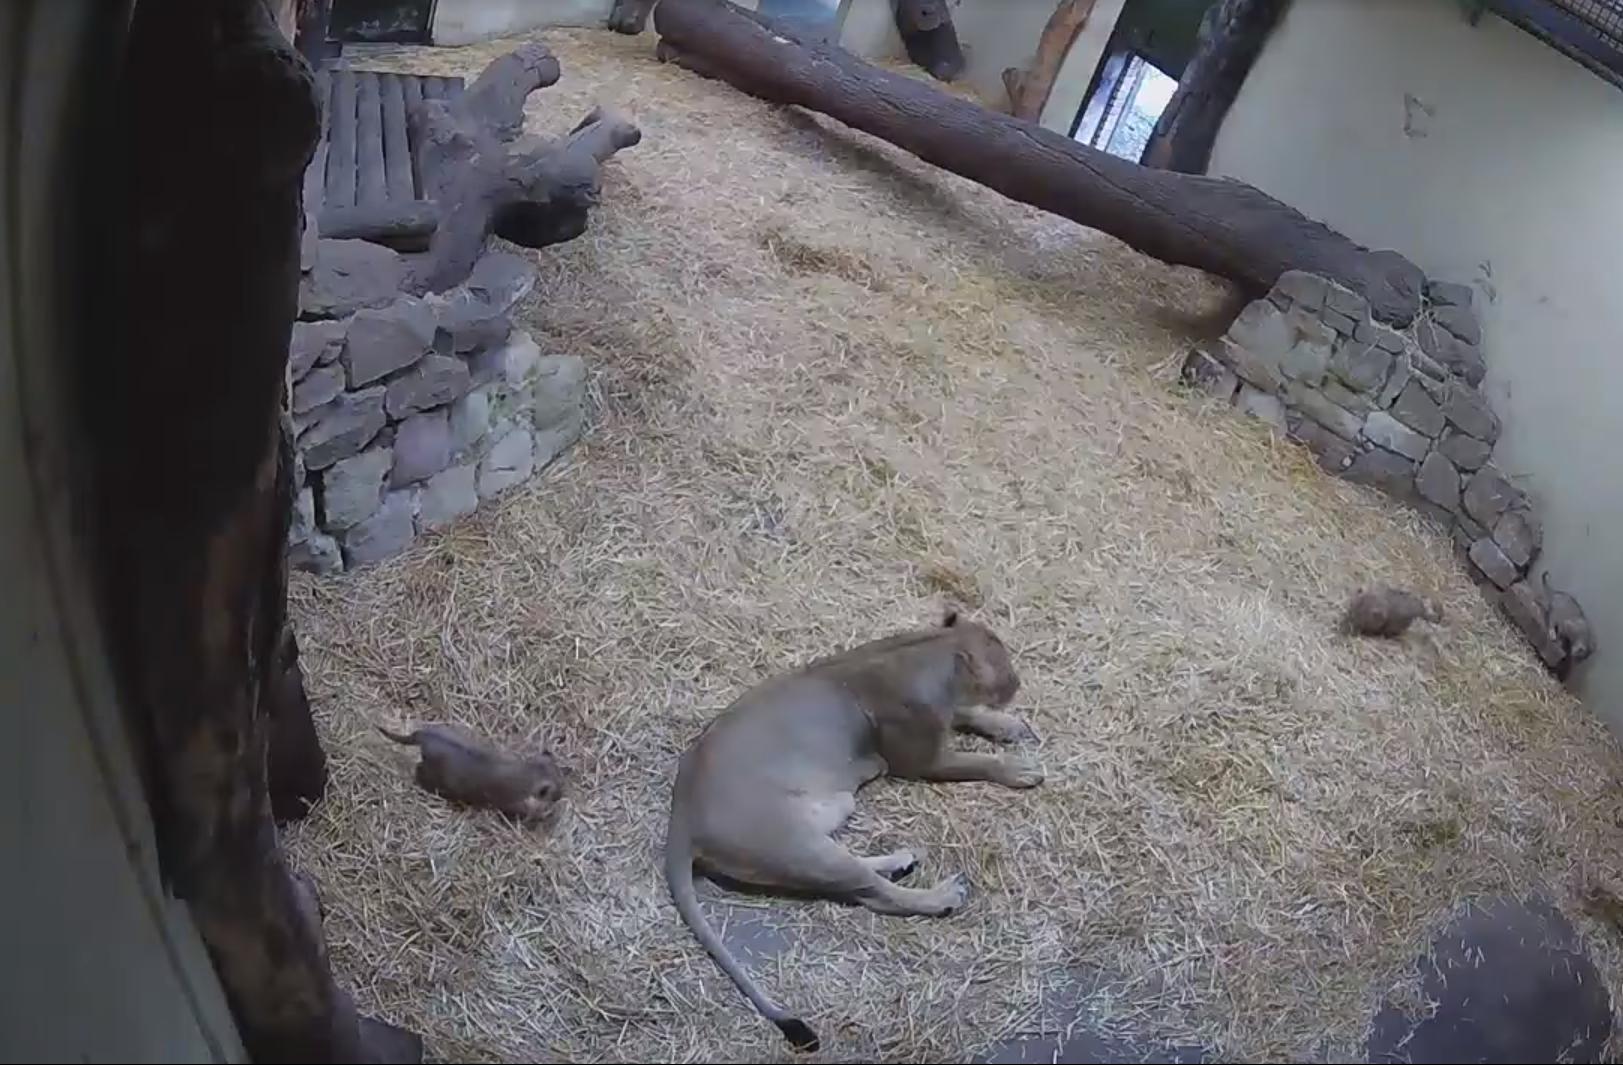 Un cachorro de león da un susto de muerte a su mamá